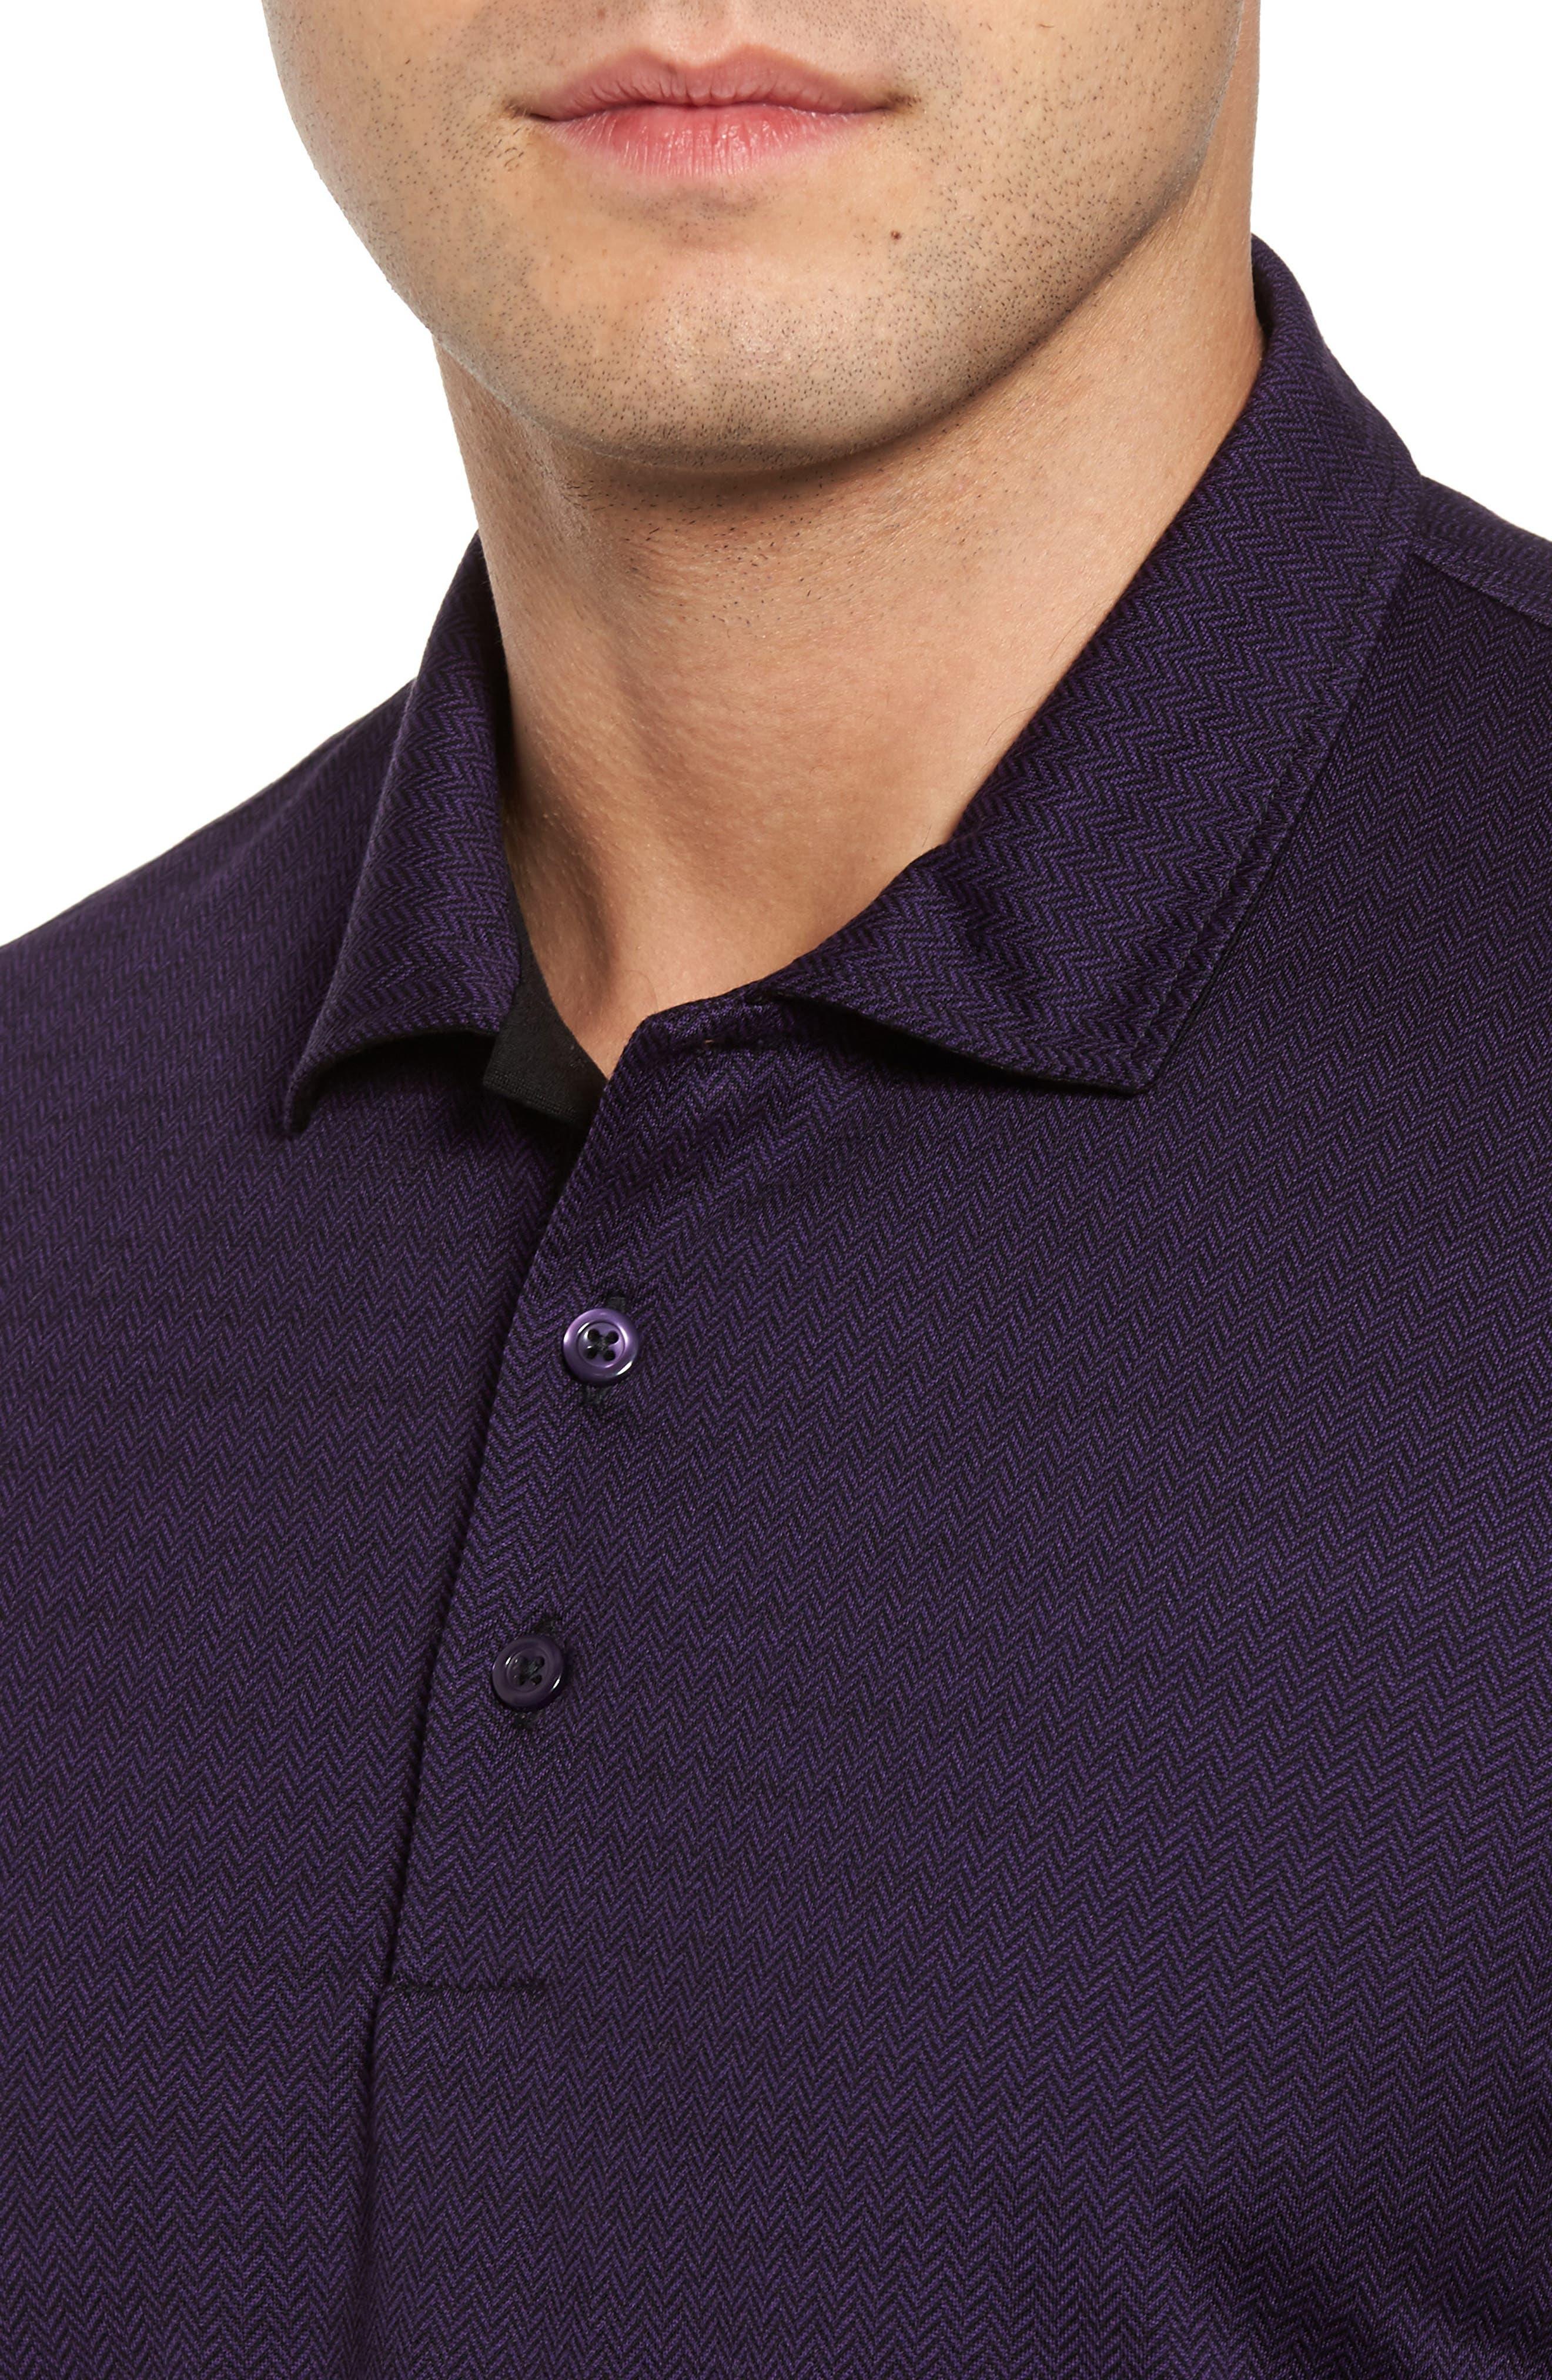 Herringbone Jacquard Polo,                             Alternate thumbnail 4, color,                             Purple